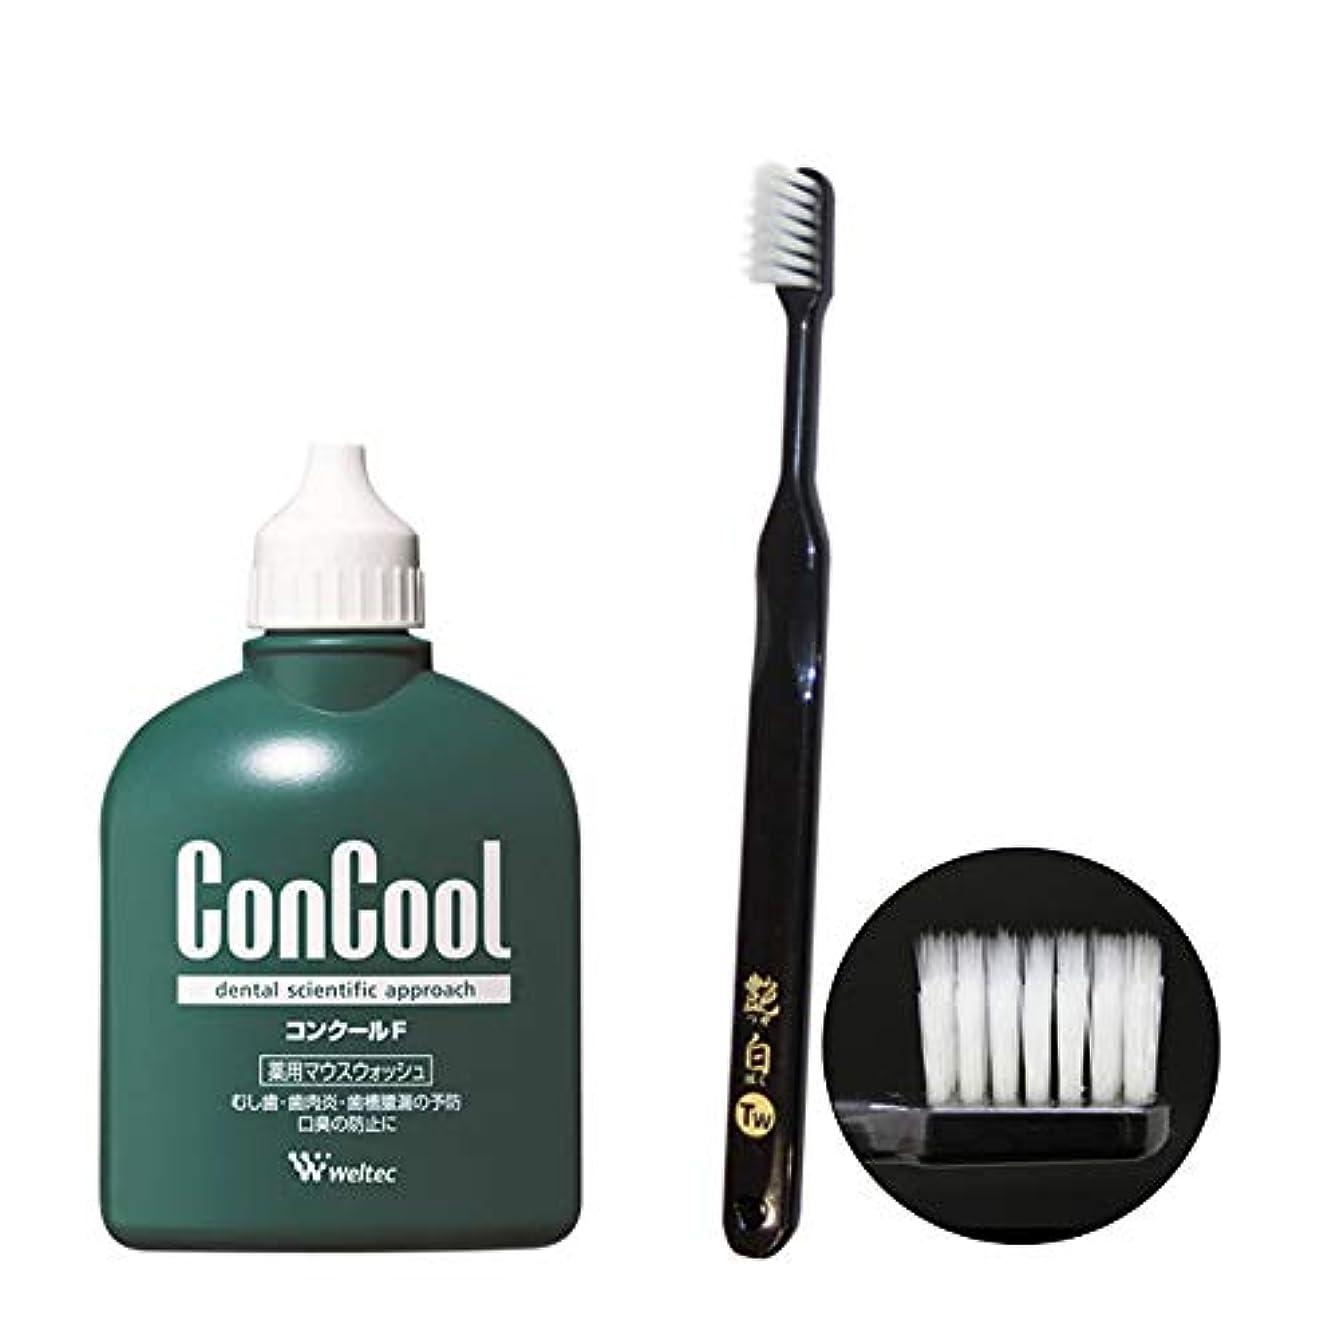 魅力露骨なの面ではコンクールF 100ml×1個 + 艶白 Tw ツイン (二段植毛) 歯ブラシ×1本 MS(やややわらかめ) 日本製 歯科専売品